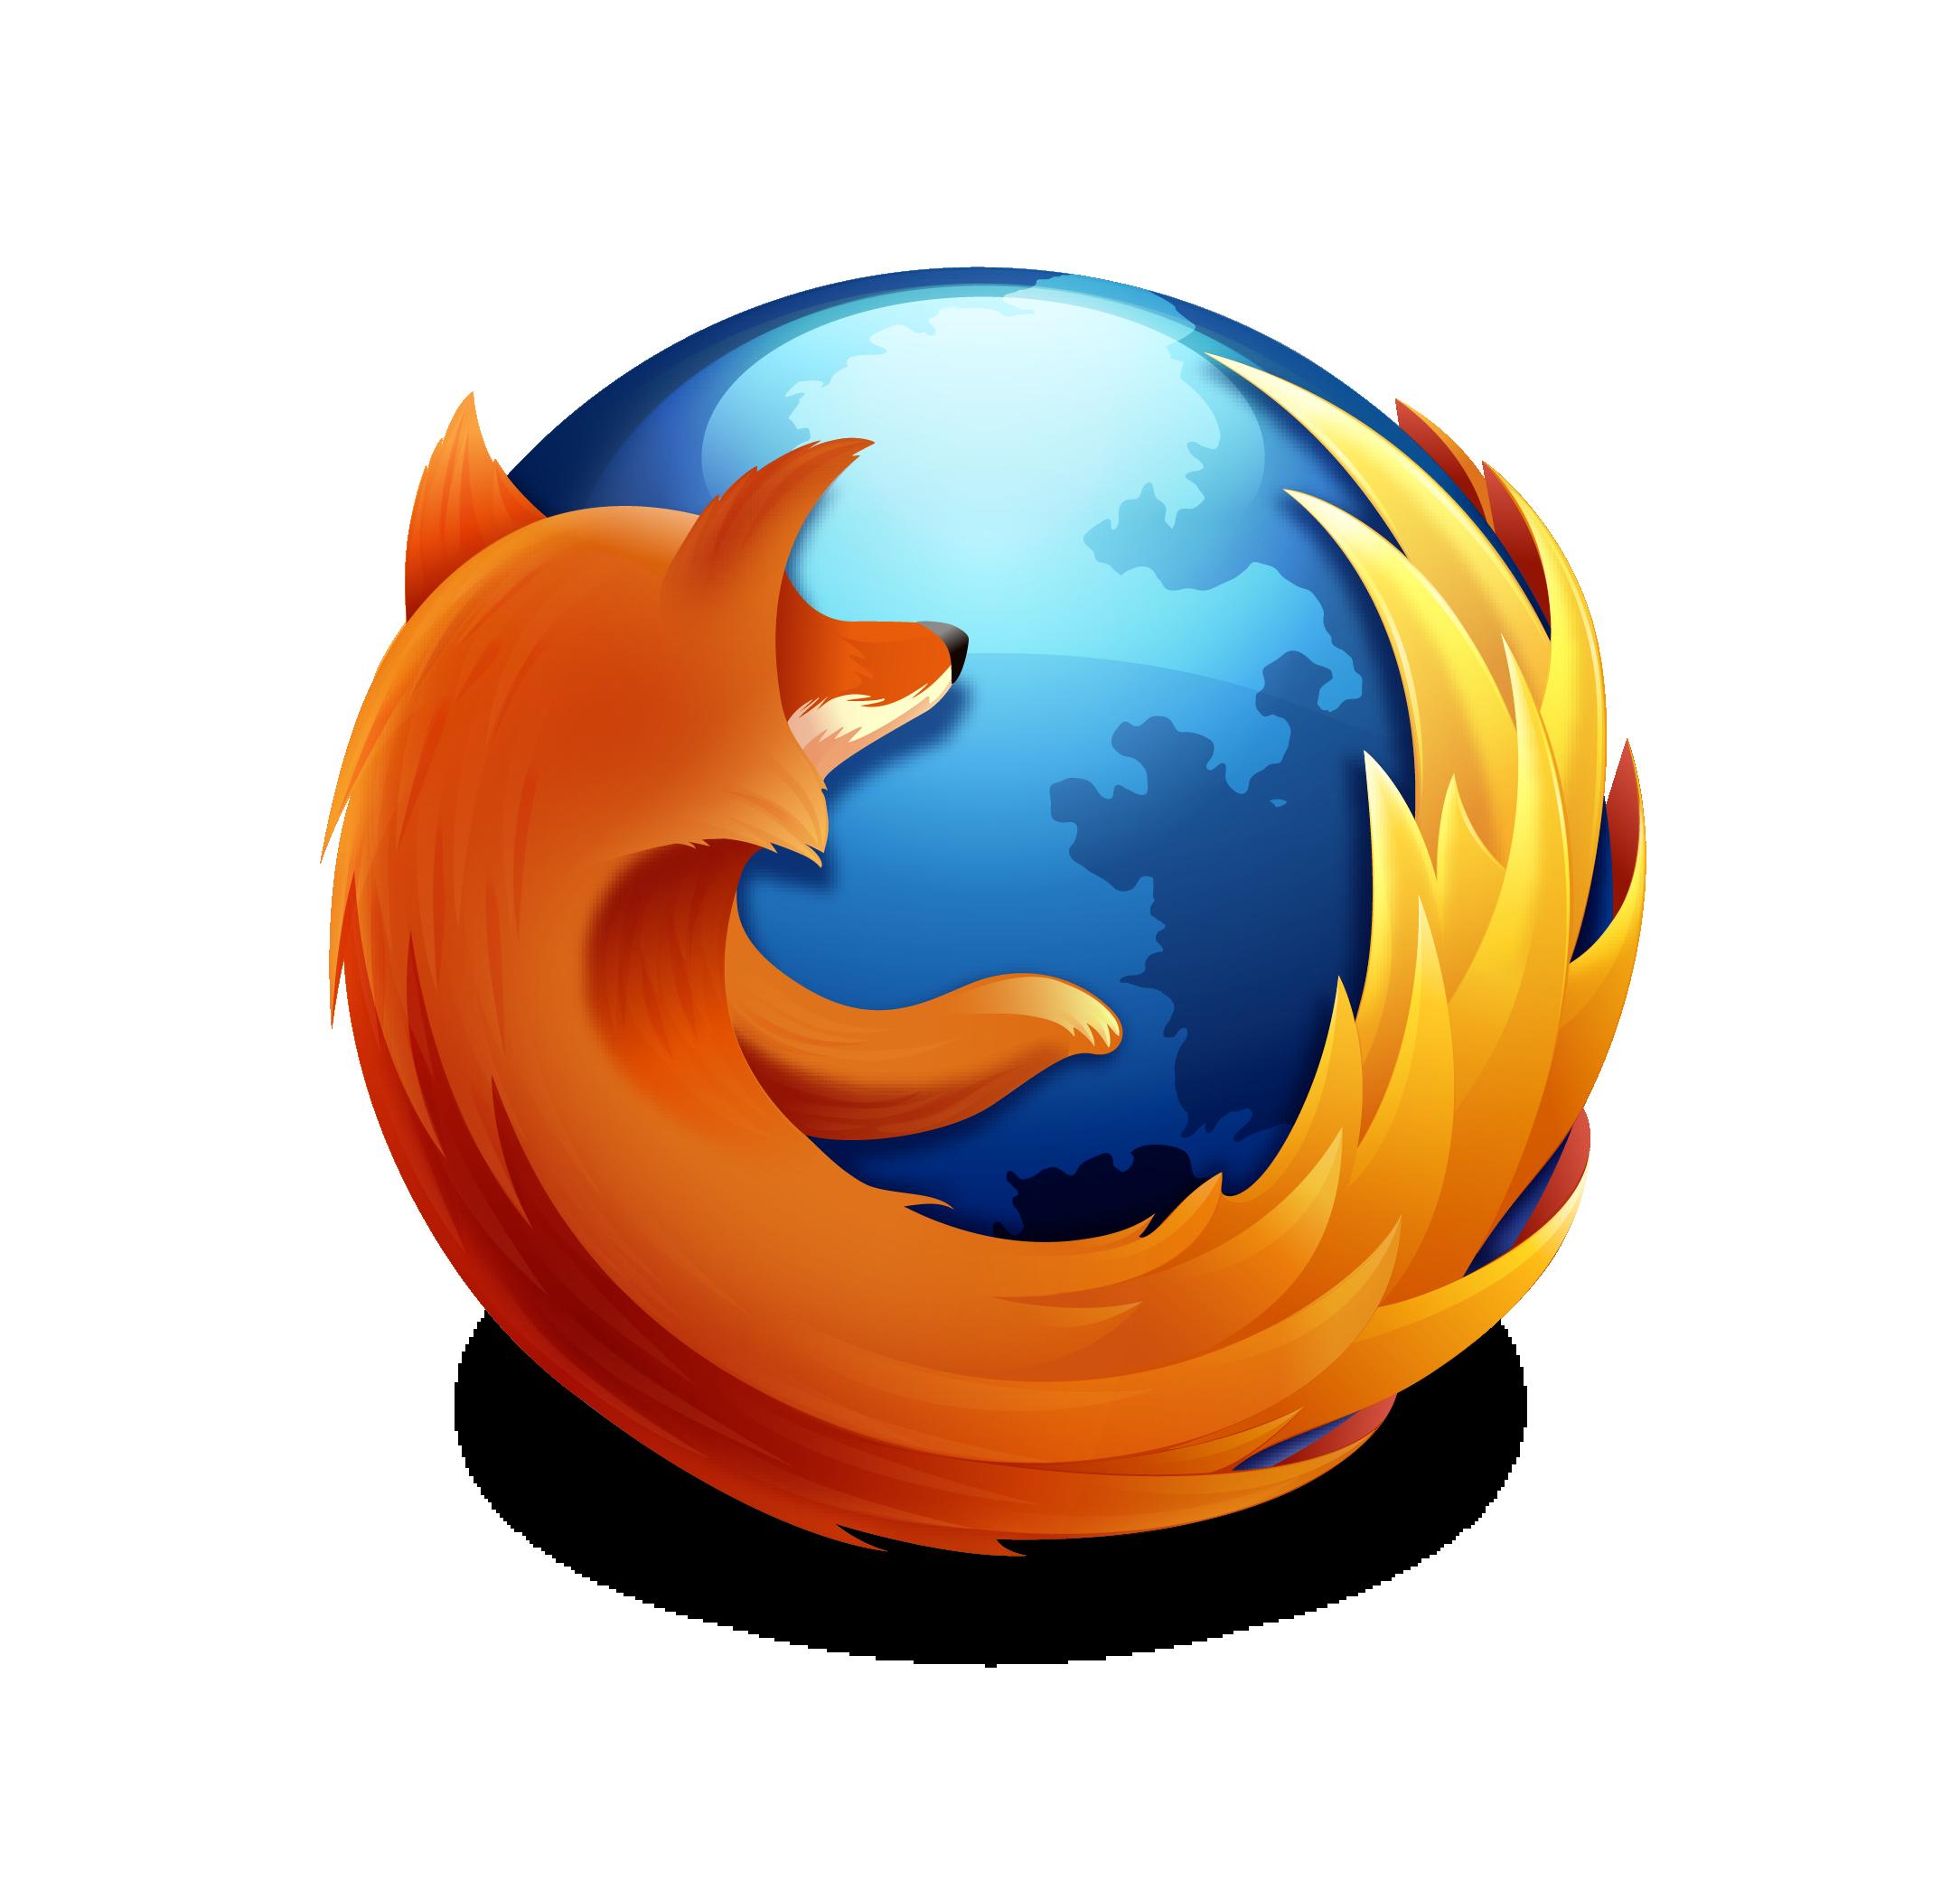 firefoxのロゴ画像